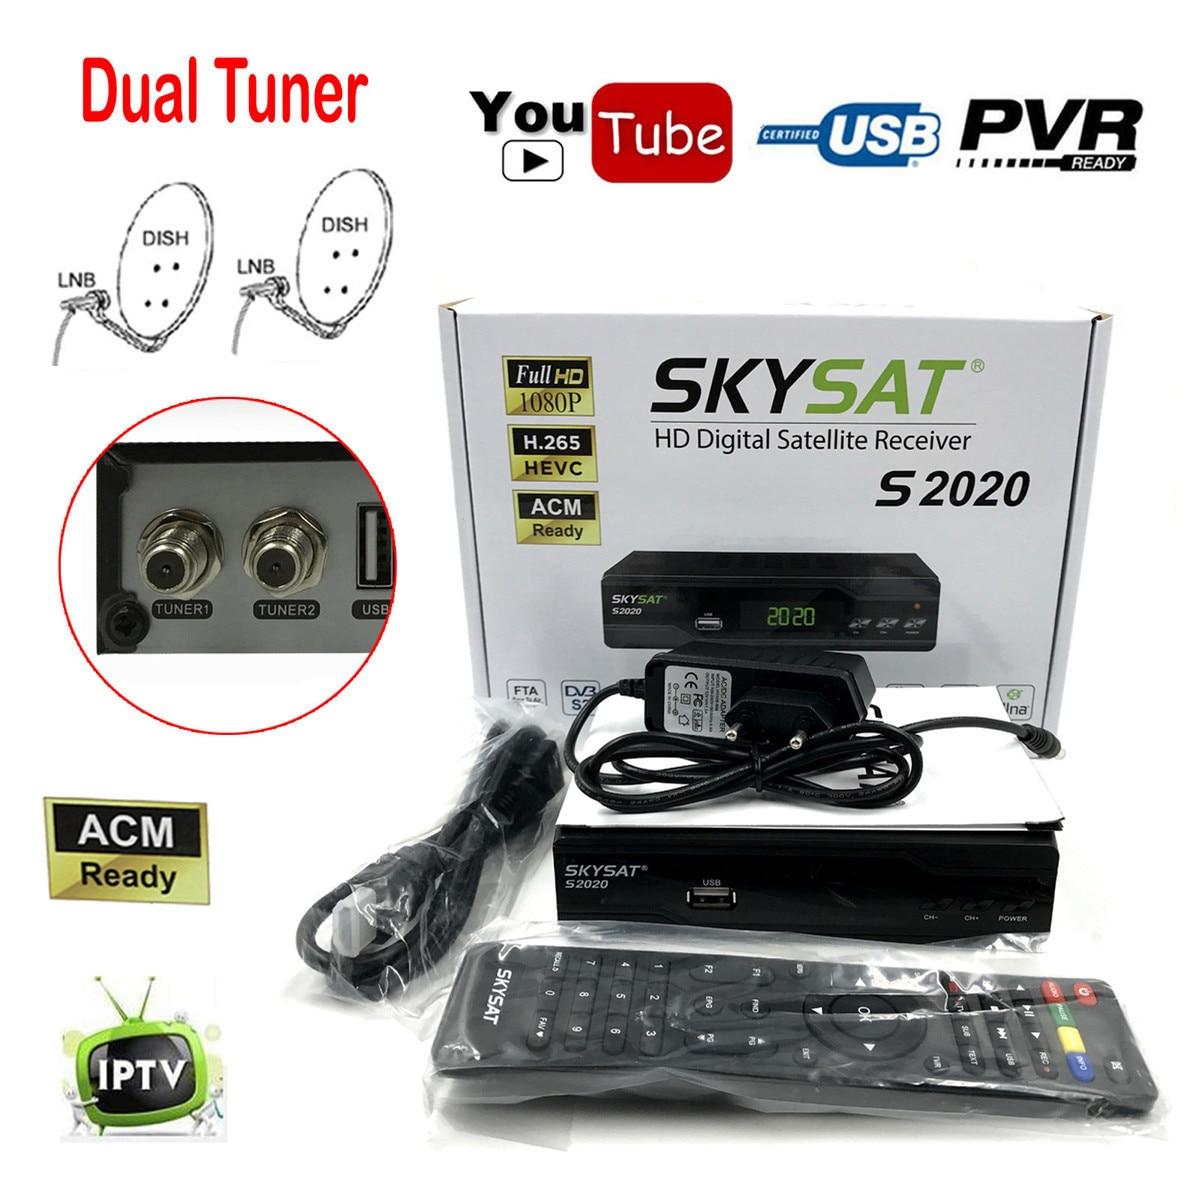 Skysat S2020 Double Plat Jumeaux Tuner H.265 AVC Numérique Récepteur Satellite ACM Soutien IKS SKS ACM/VCM/CCM IPTV VOD avec LAN Wifi